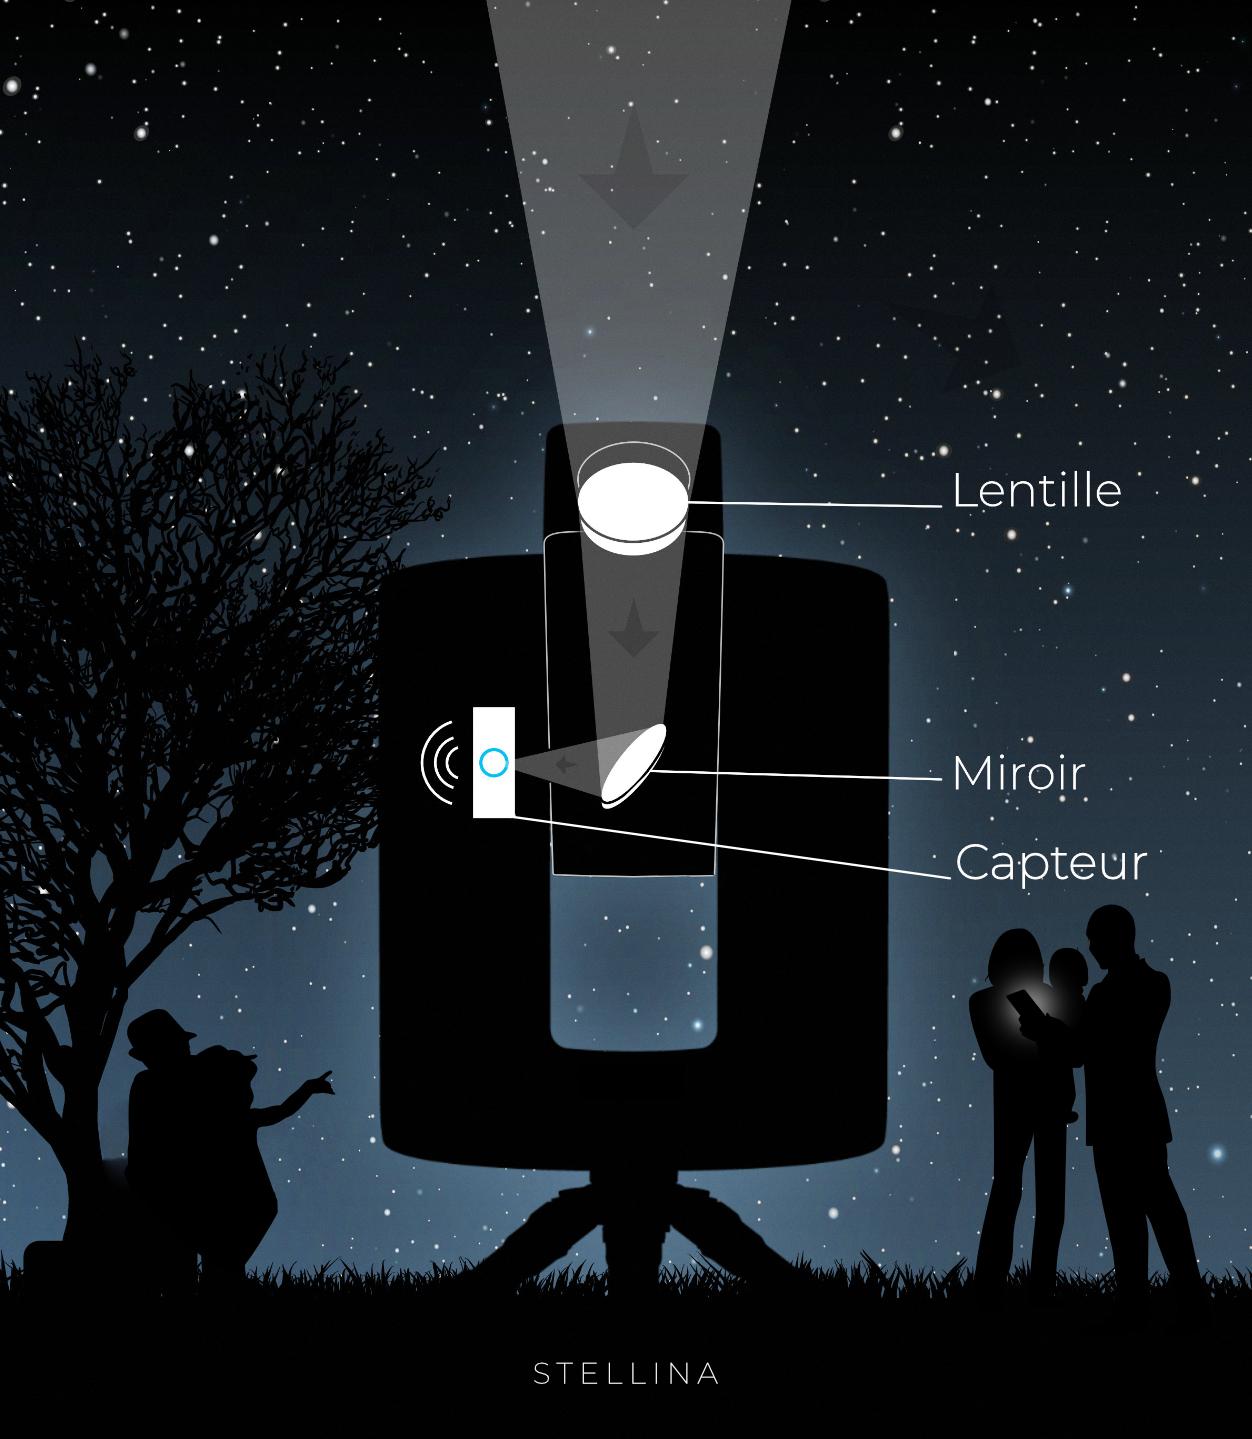 Stellina Télescope réfracteur